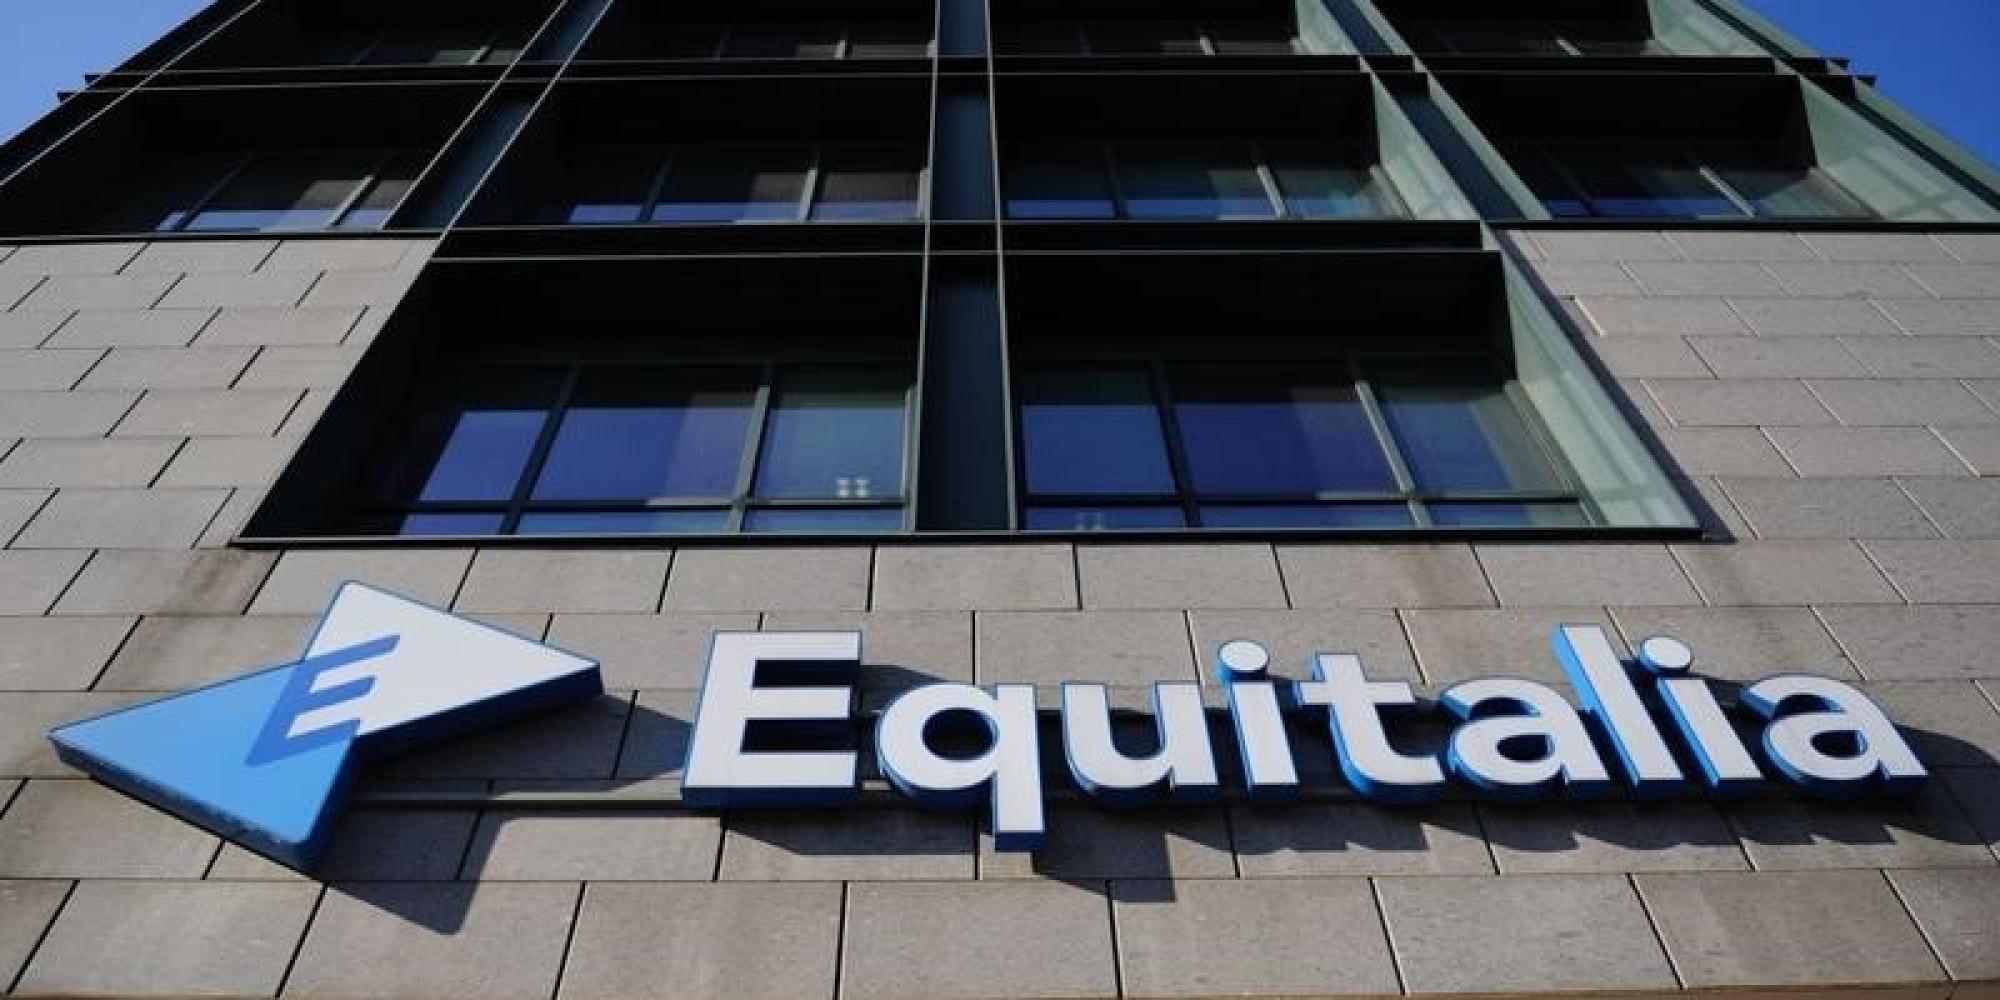 Chiusura di Equitalia dal 2017: quali novità per i debitori